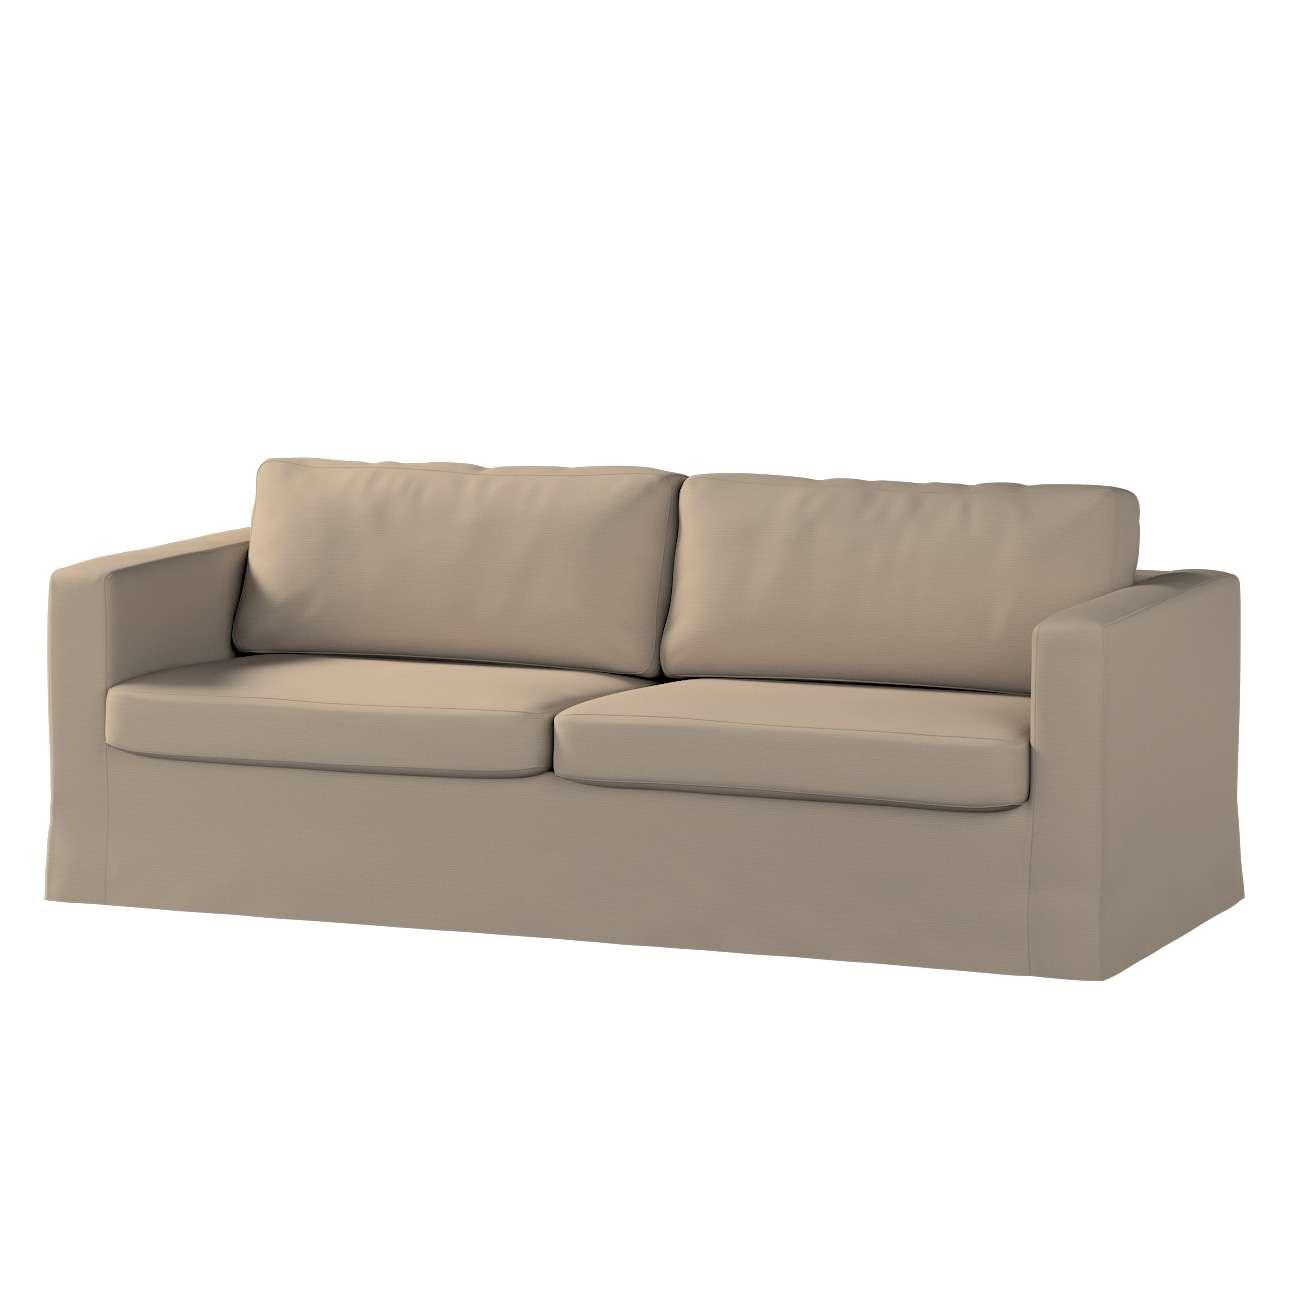 Poťah na sedačku Karlstad (nerozkladá sa, pre 3 osoby, dlhá) Poťah na sedačku Karlstad - pre 3 osoby, nerozkladá sa, dlhá V kolekcii Cotton Panama, tkanina: 702-28